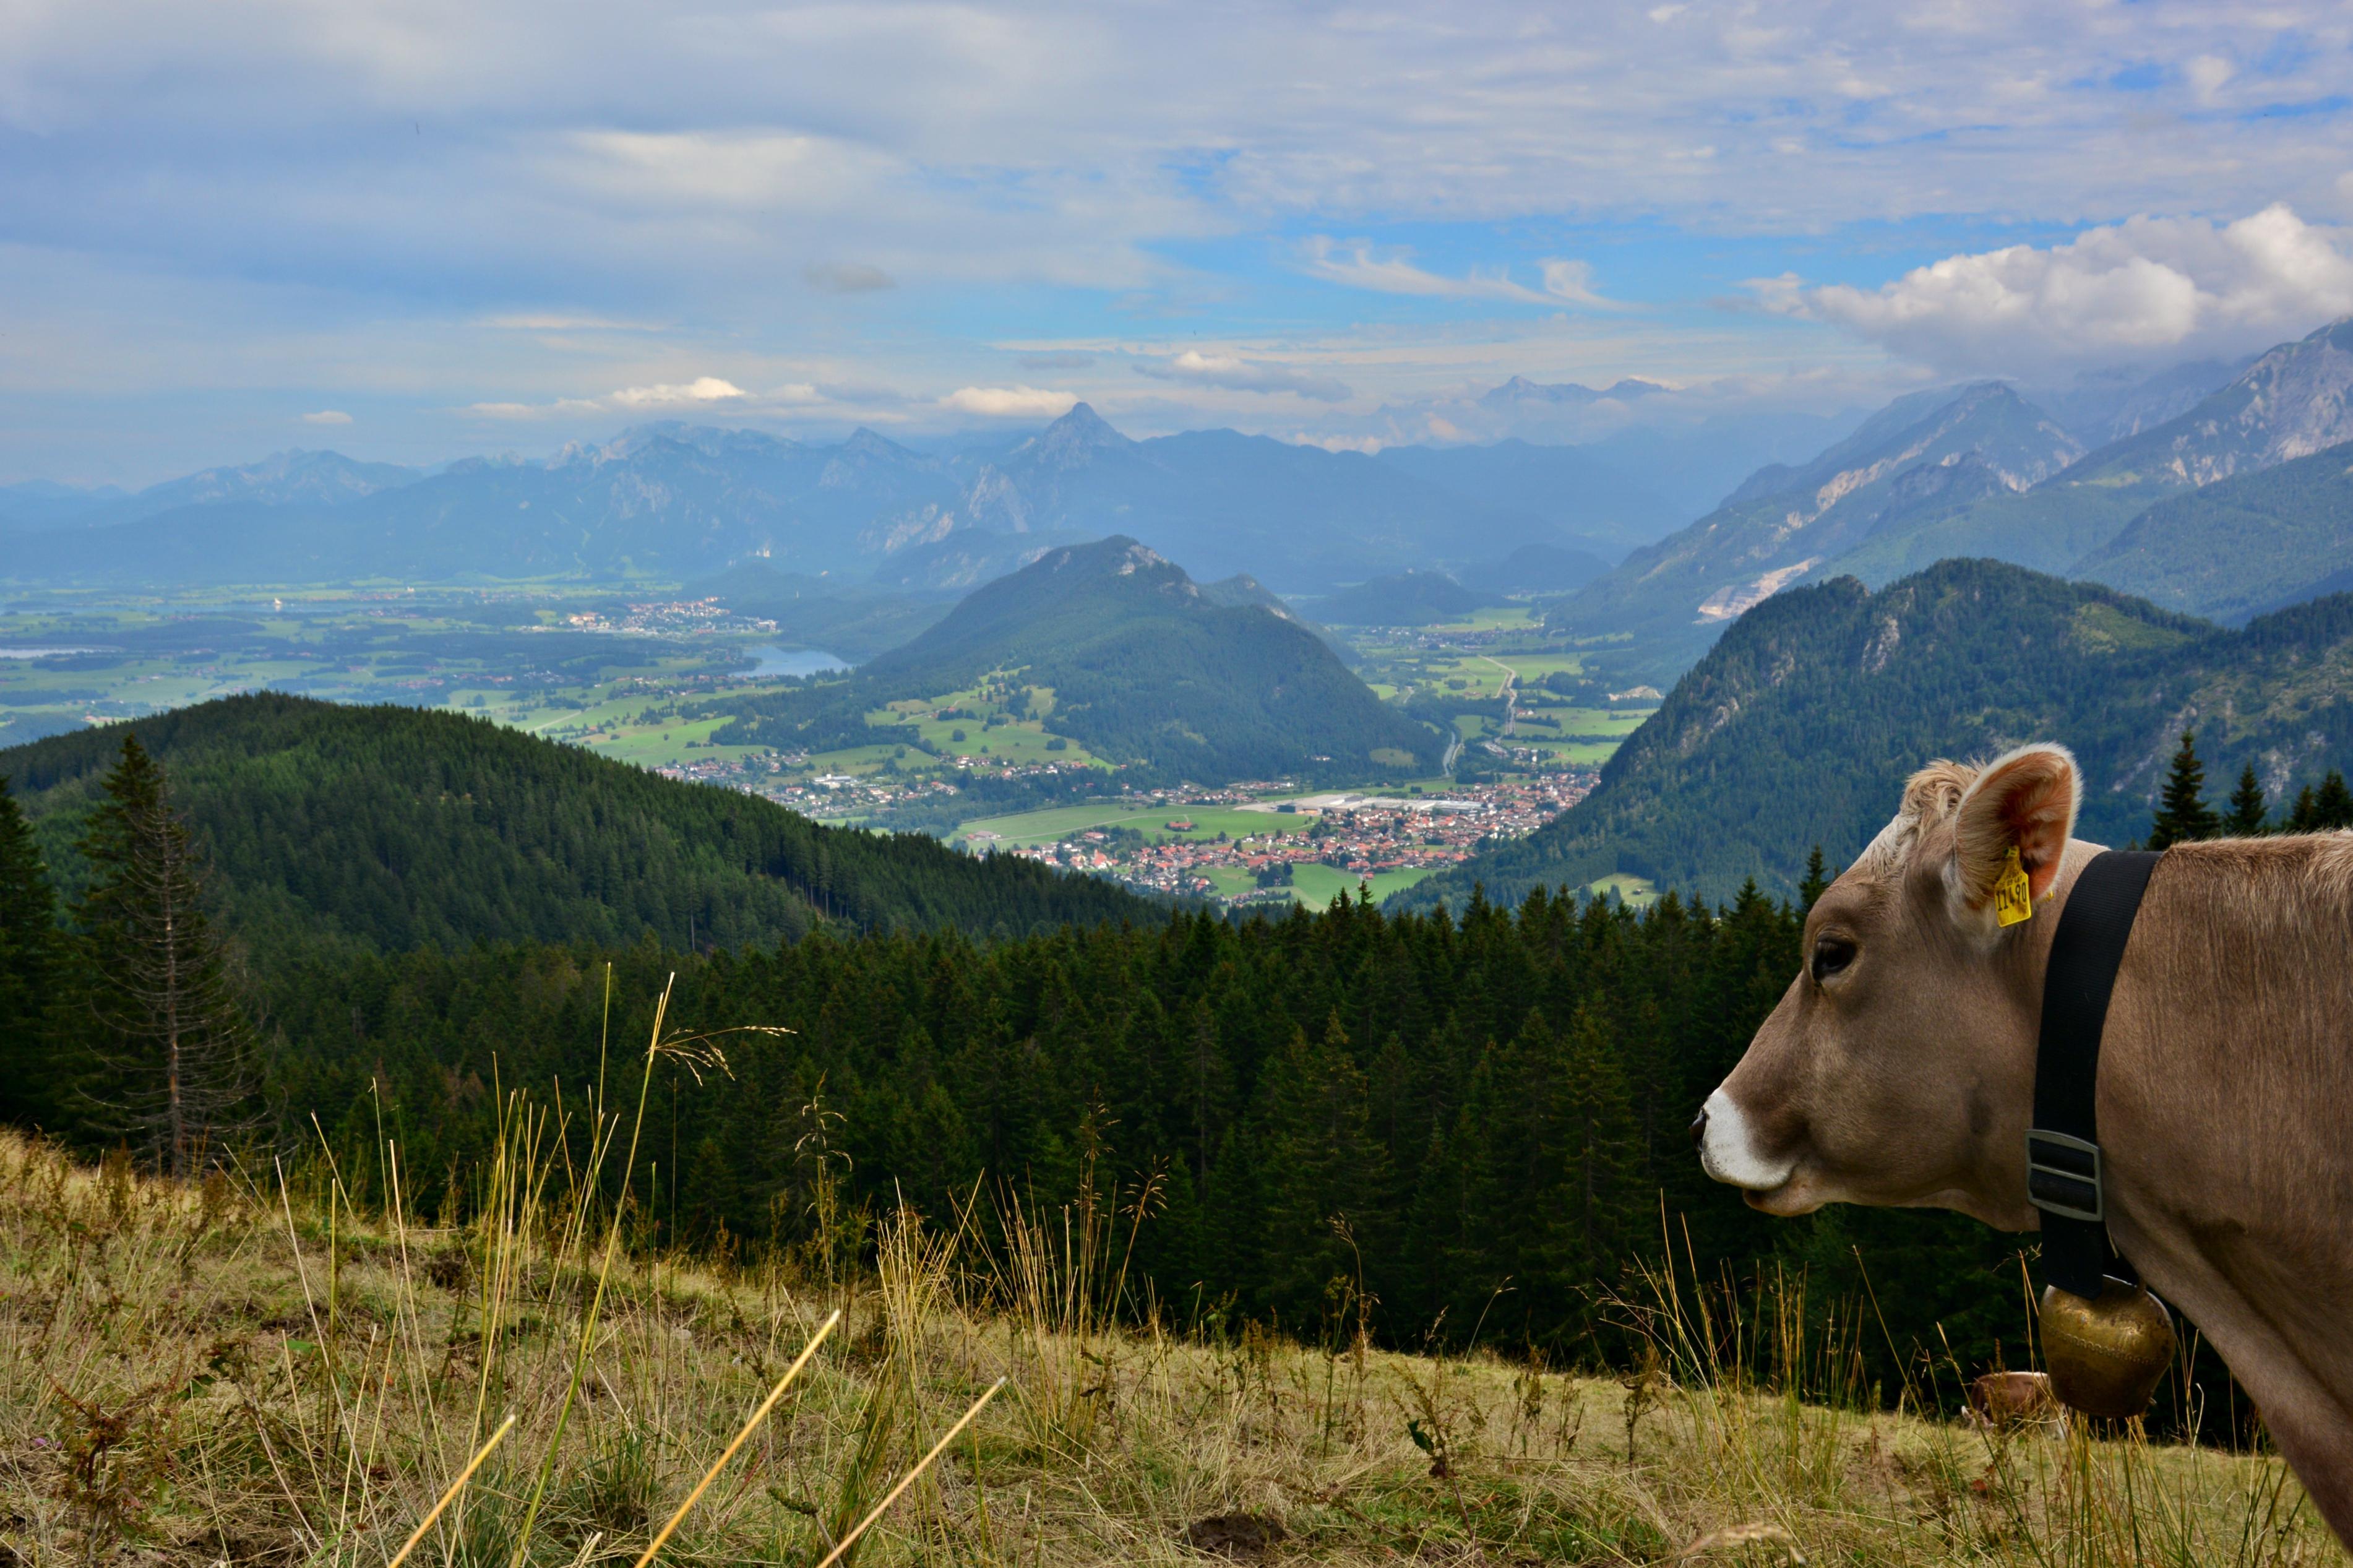 A0209_Schumpen_Blick_ins_Füssener-_und_Pfrontener_Tal_Alpspitz.jpg